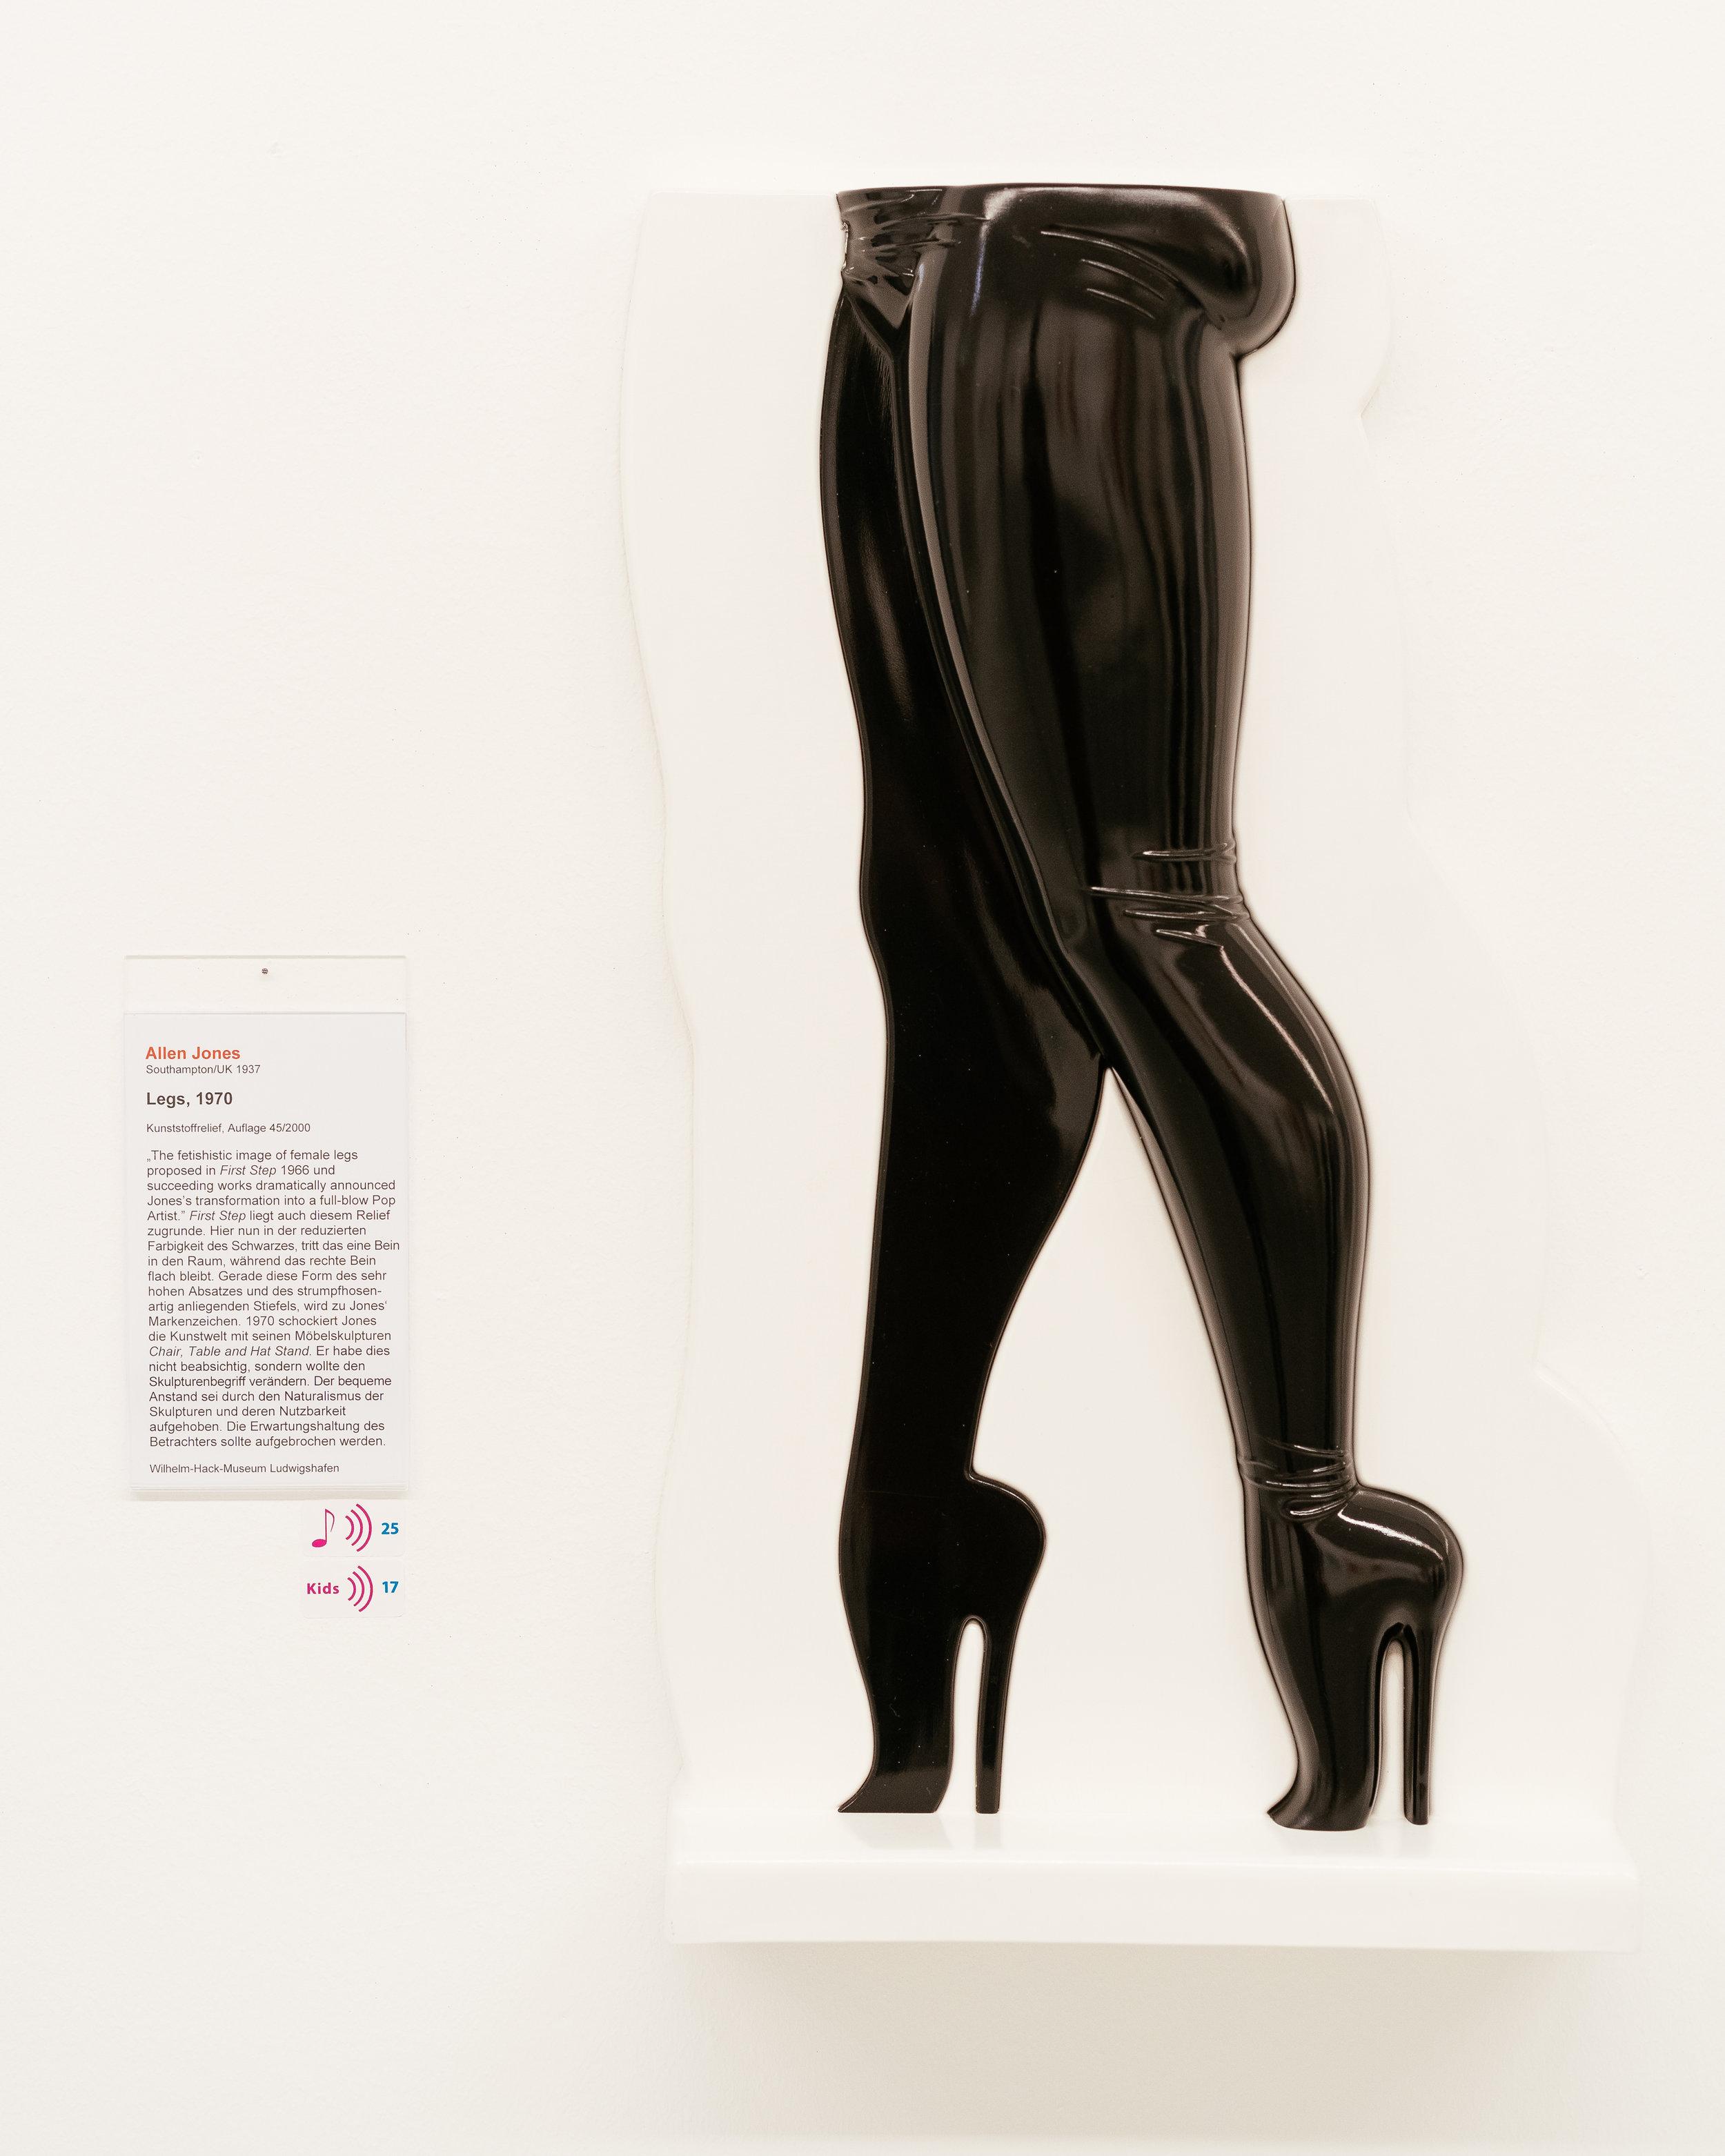 Allen Jones' - Werke gehen in Richtung Fetisch – würde ich mir auch an die Wand hängen!